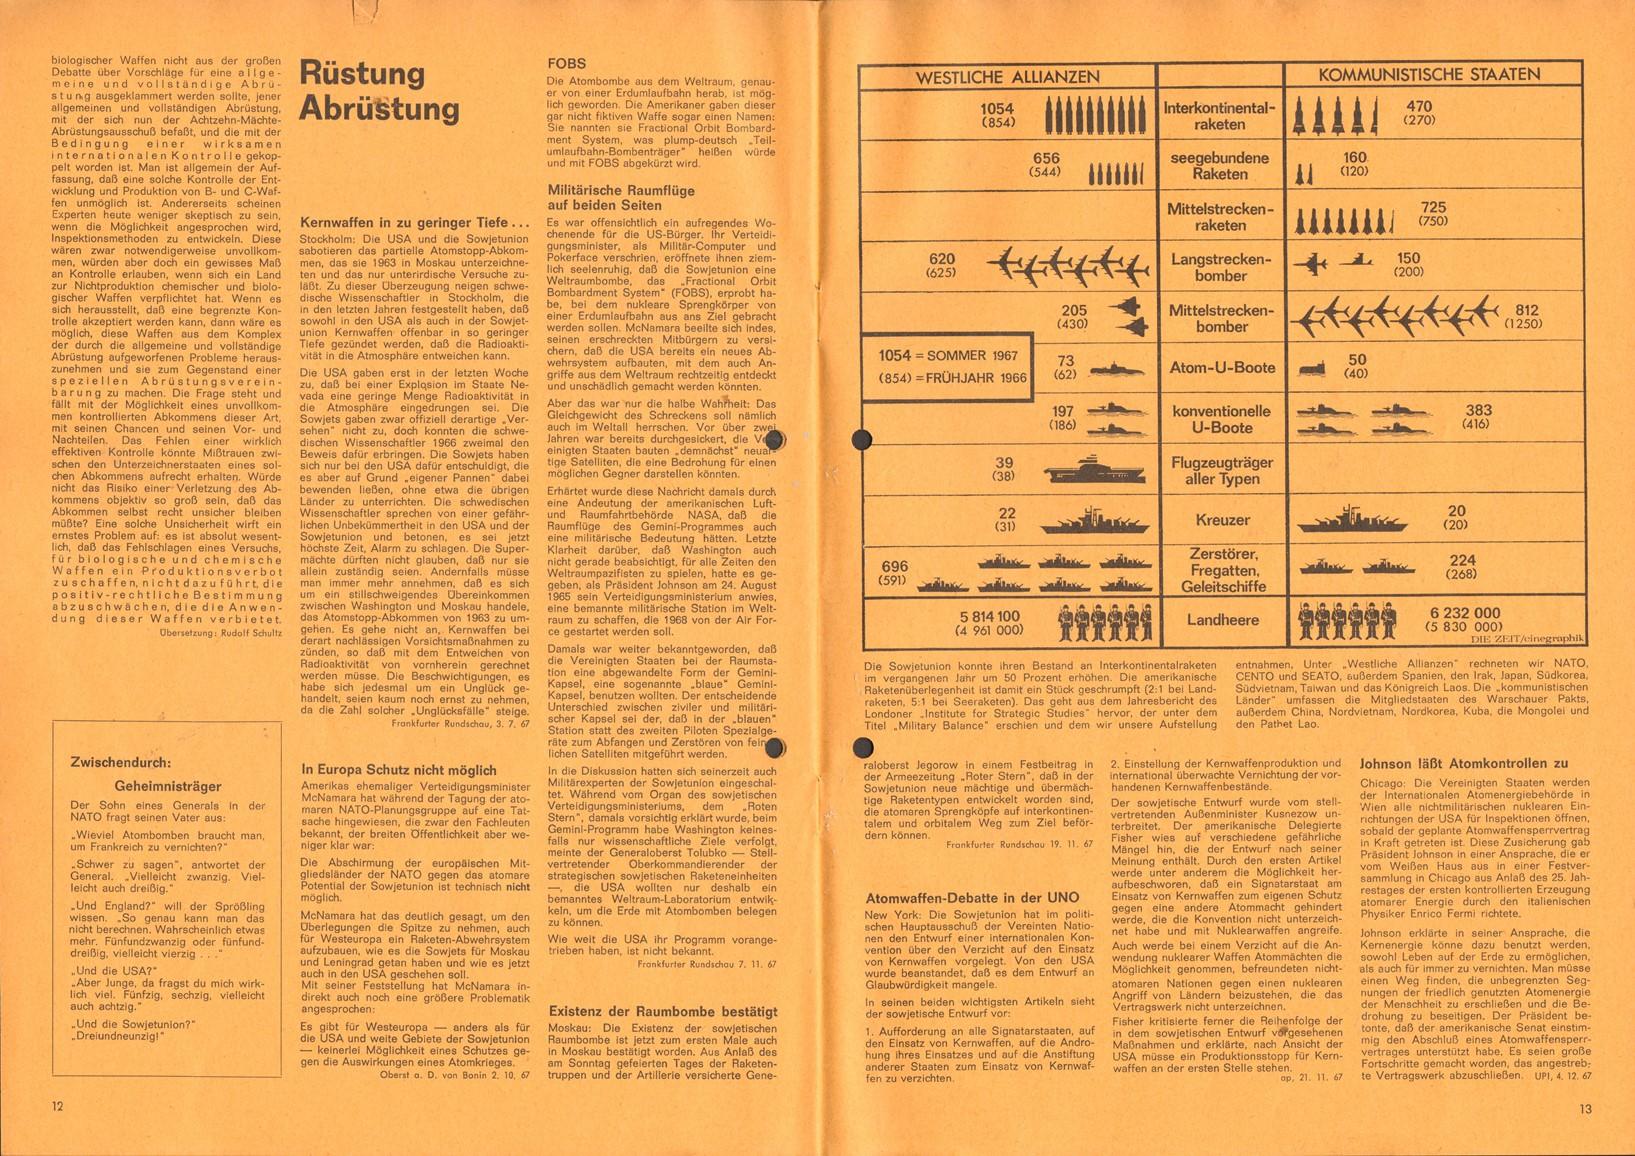 Informationen_zur_Abruestung_1967_053_007